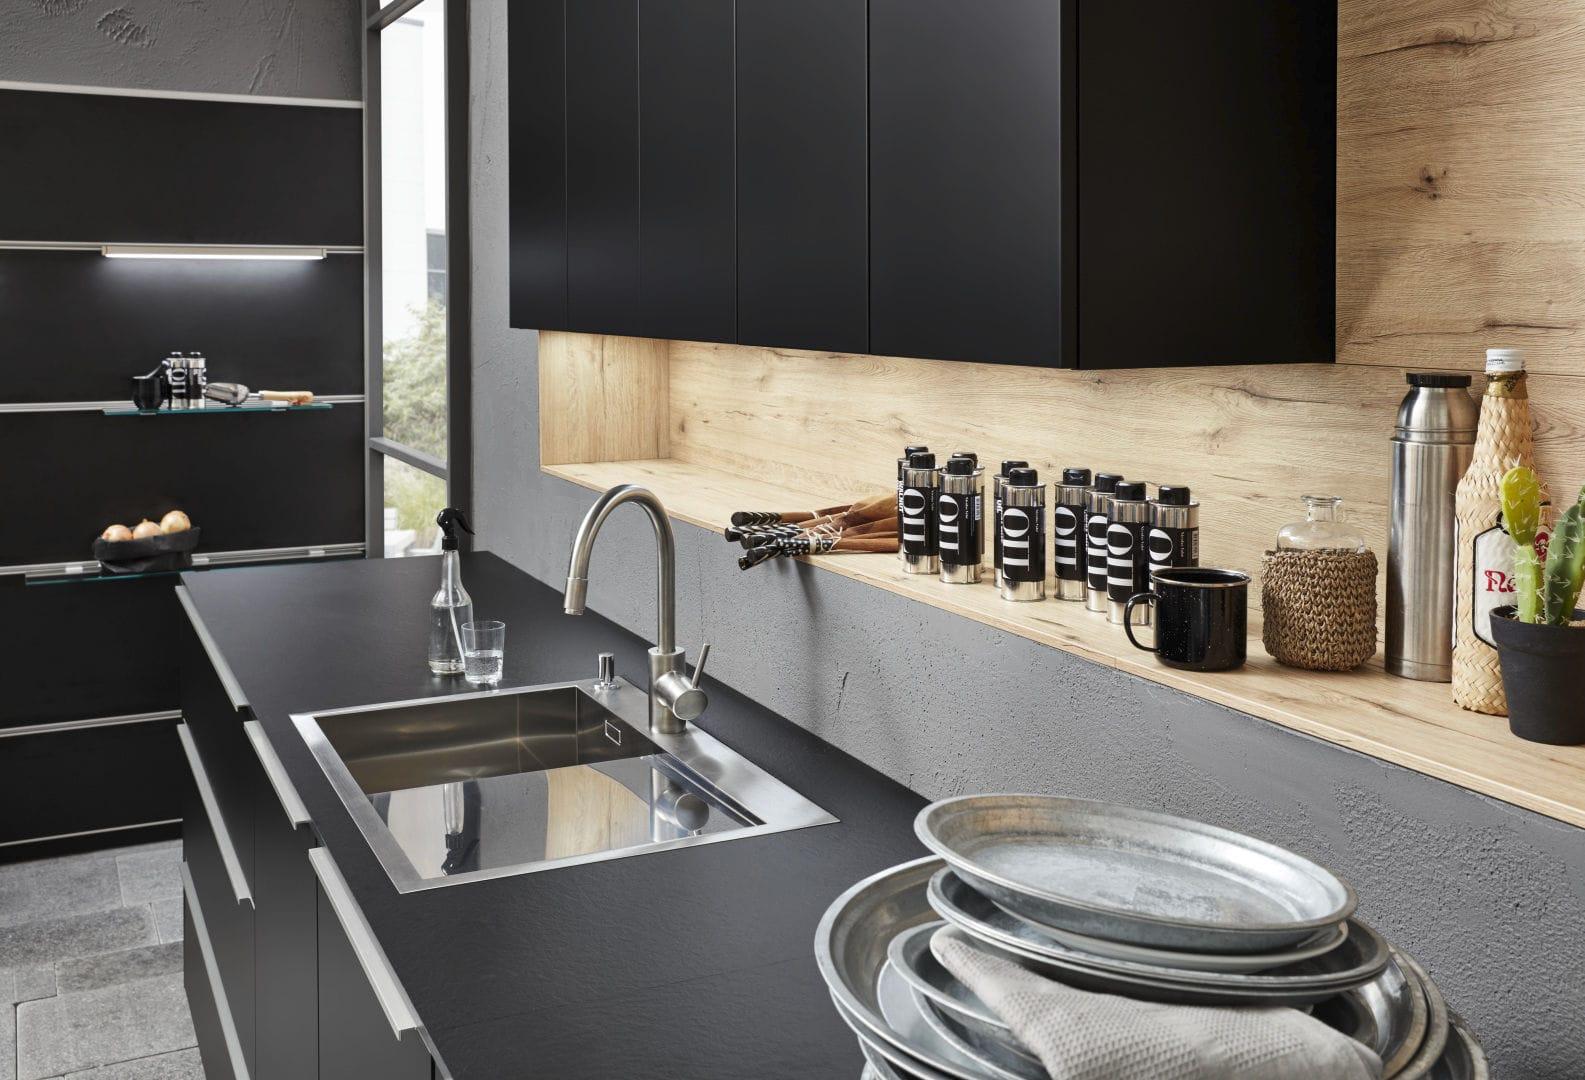 Plan Travail Cuisine Noir plan de travail en bois / de cuisine / noir - soft lack